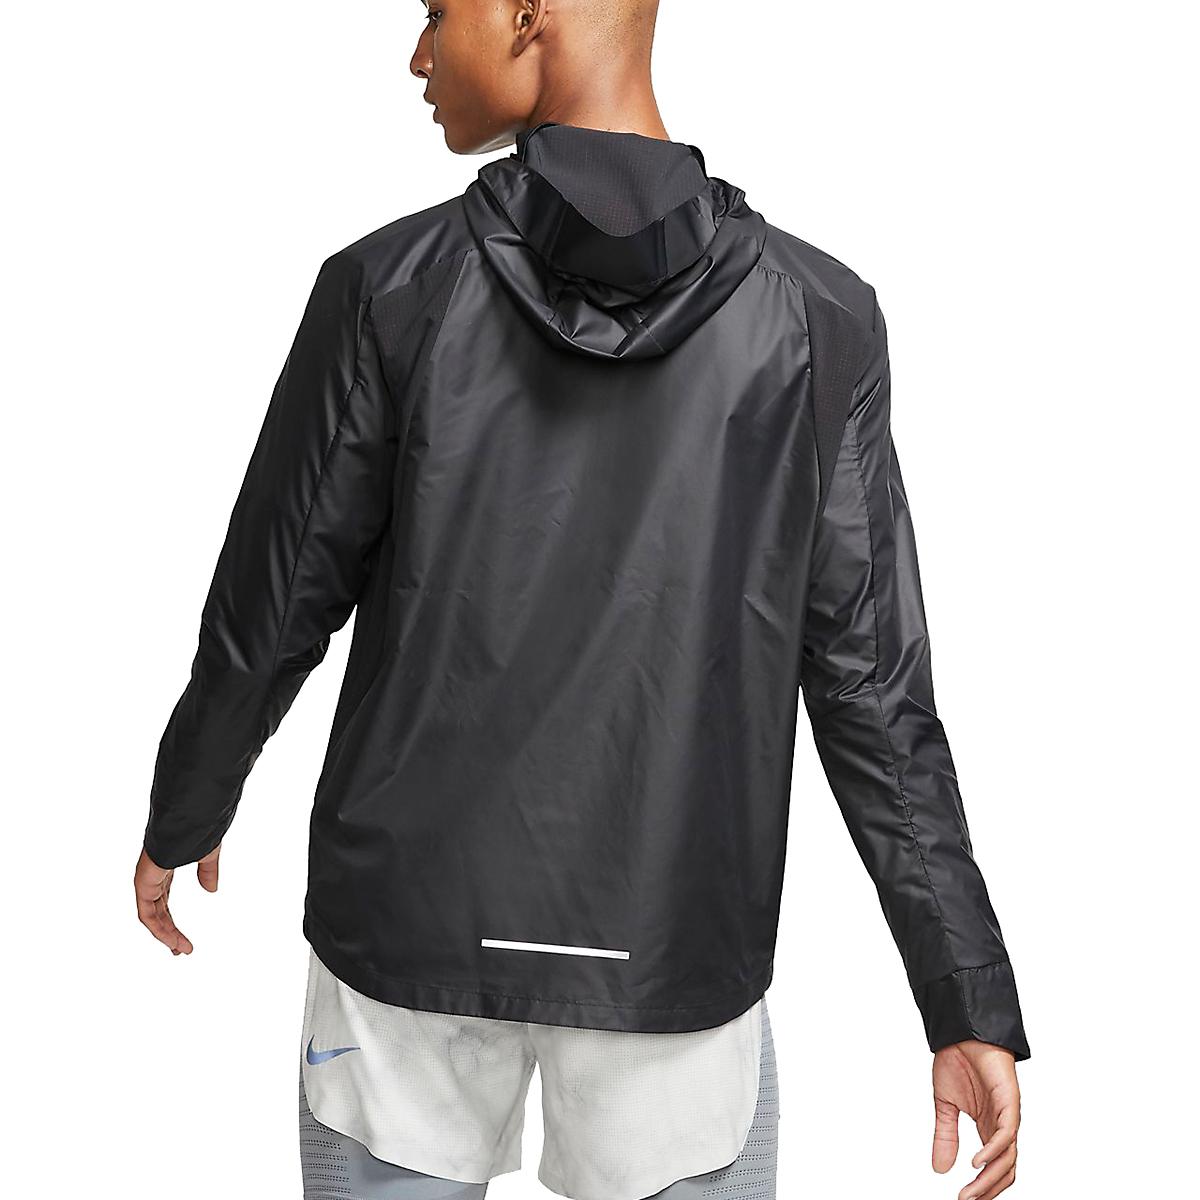 Men's Nike Essential Jacket  - Color: Black/Reflective - Size: S, Black/Reflective, large, image 2